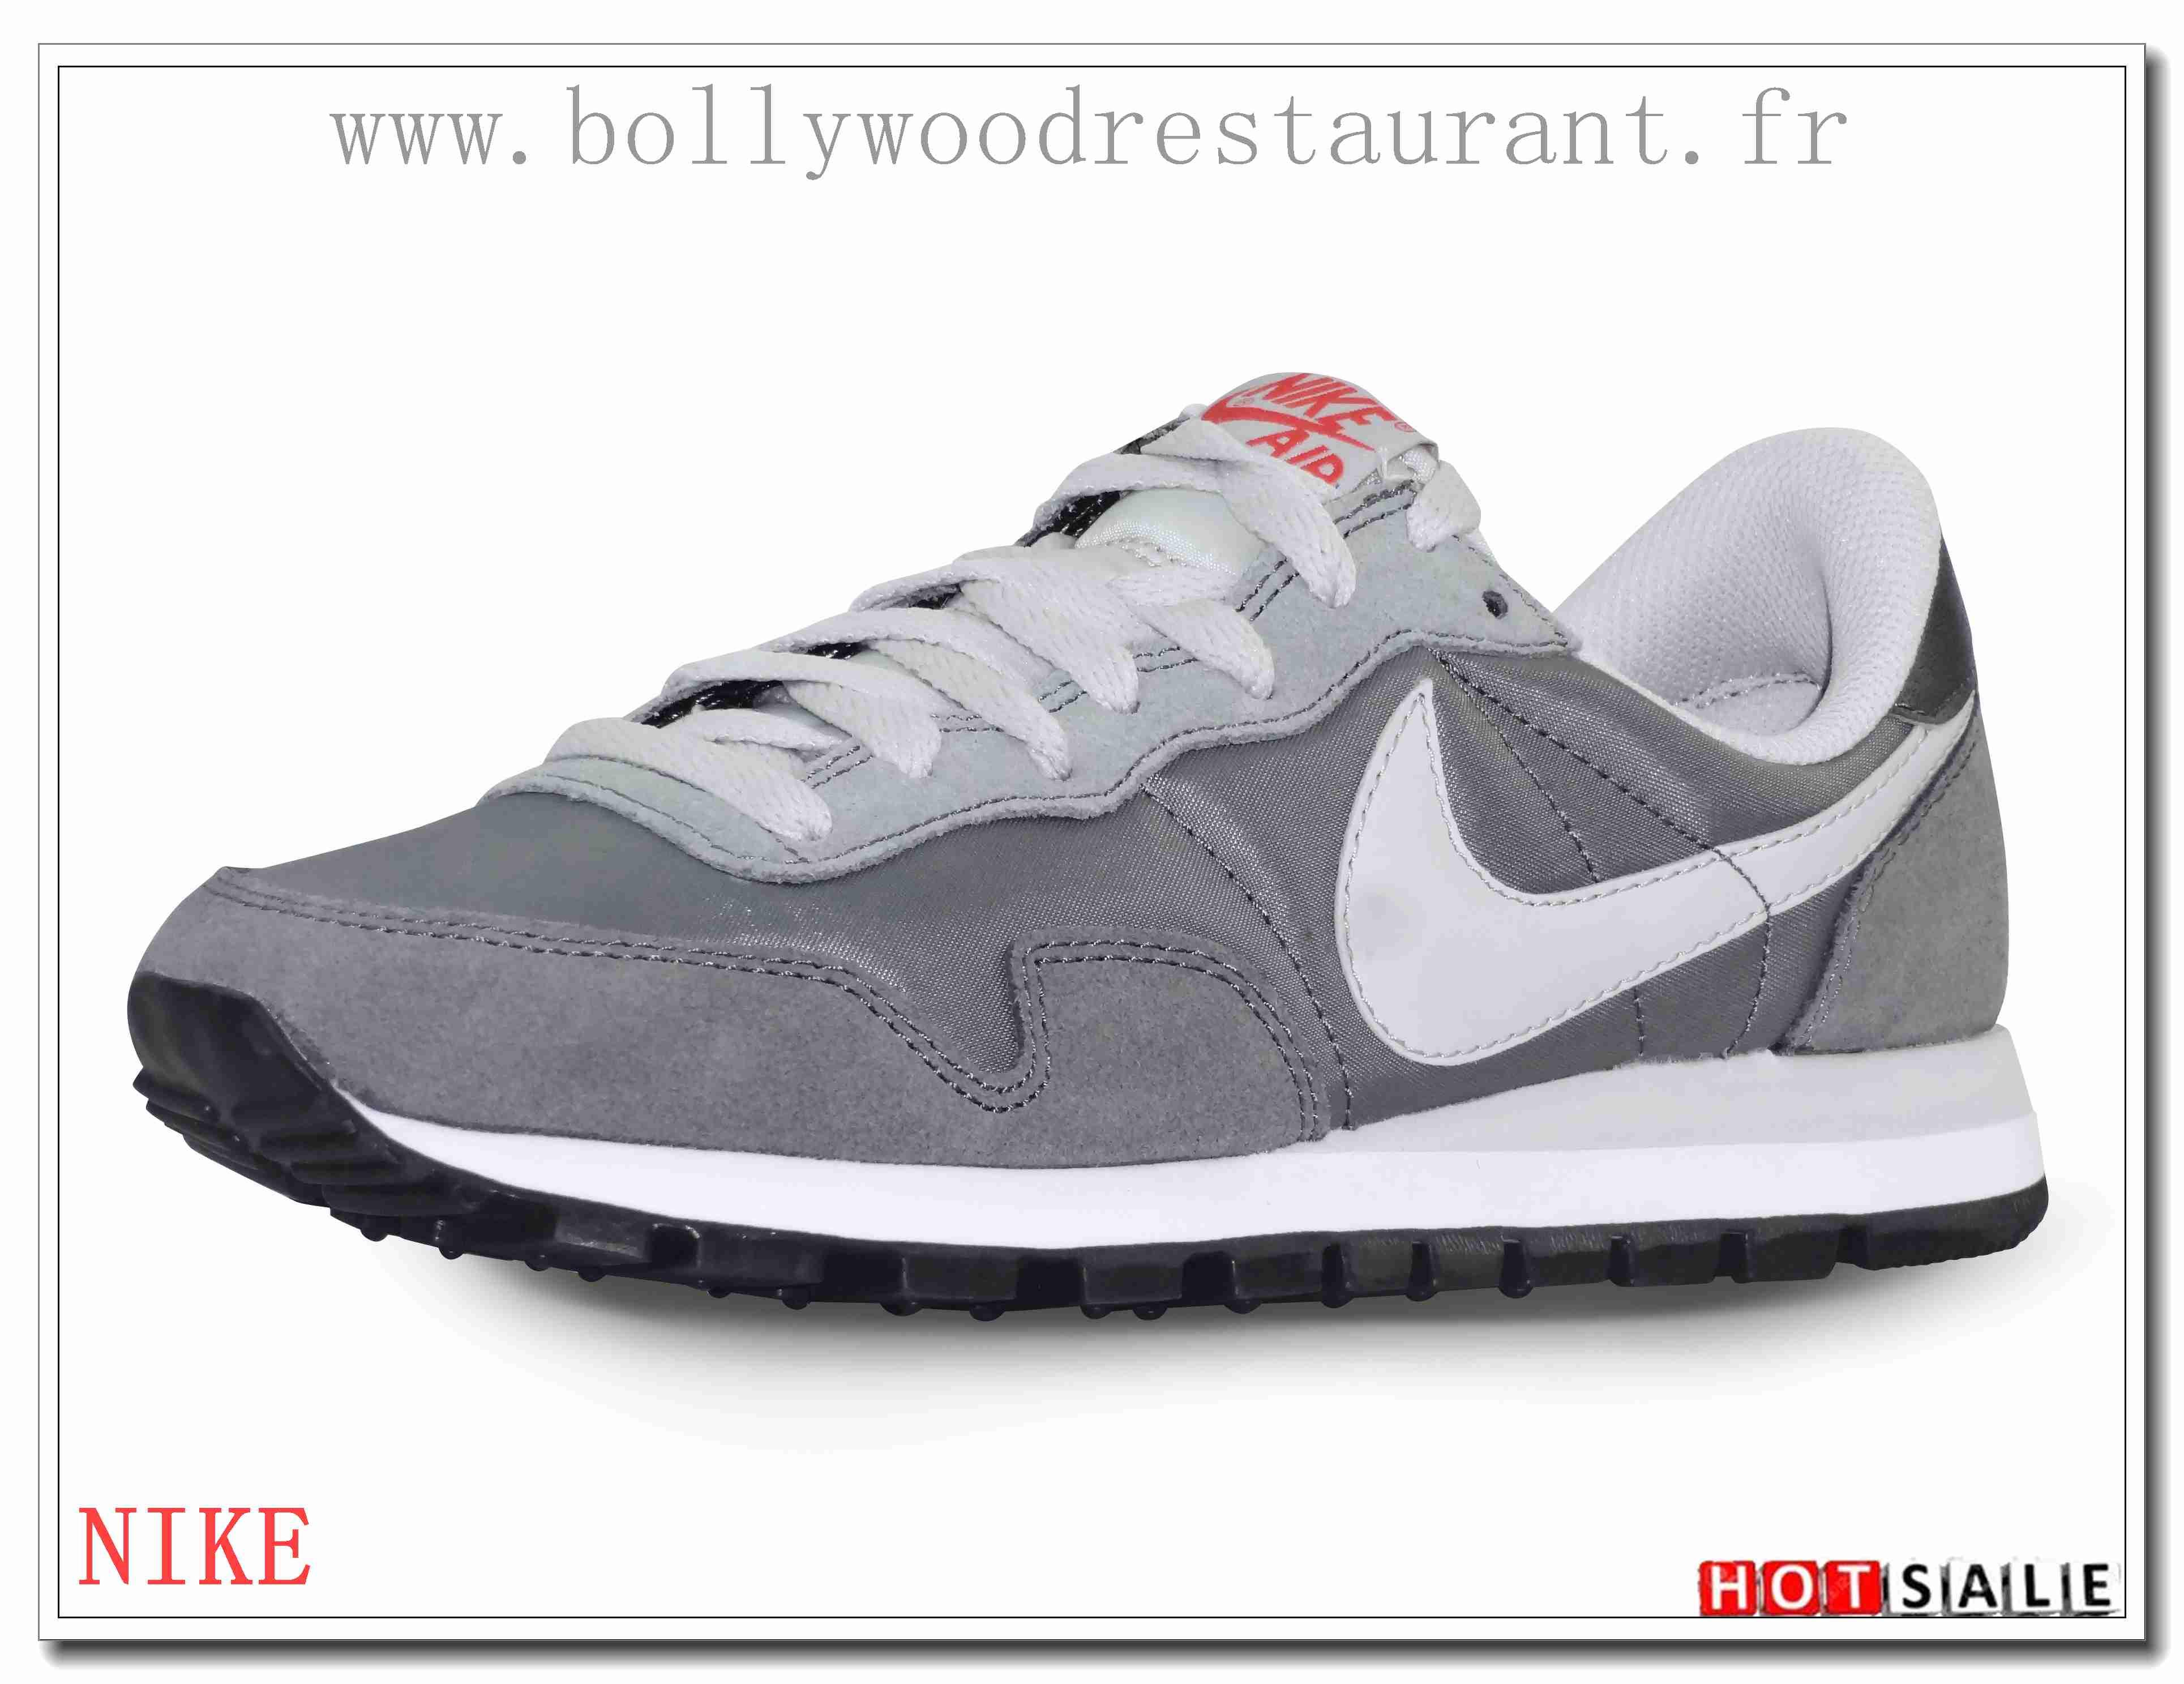 RI6979 Coûteux 2018 Nouveau style Nike Air Pegasus 83 - Femme Chaussures - Promotions Vente - H.K.Y.&265 - Taille : 36~39